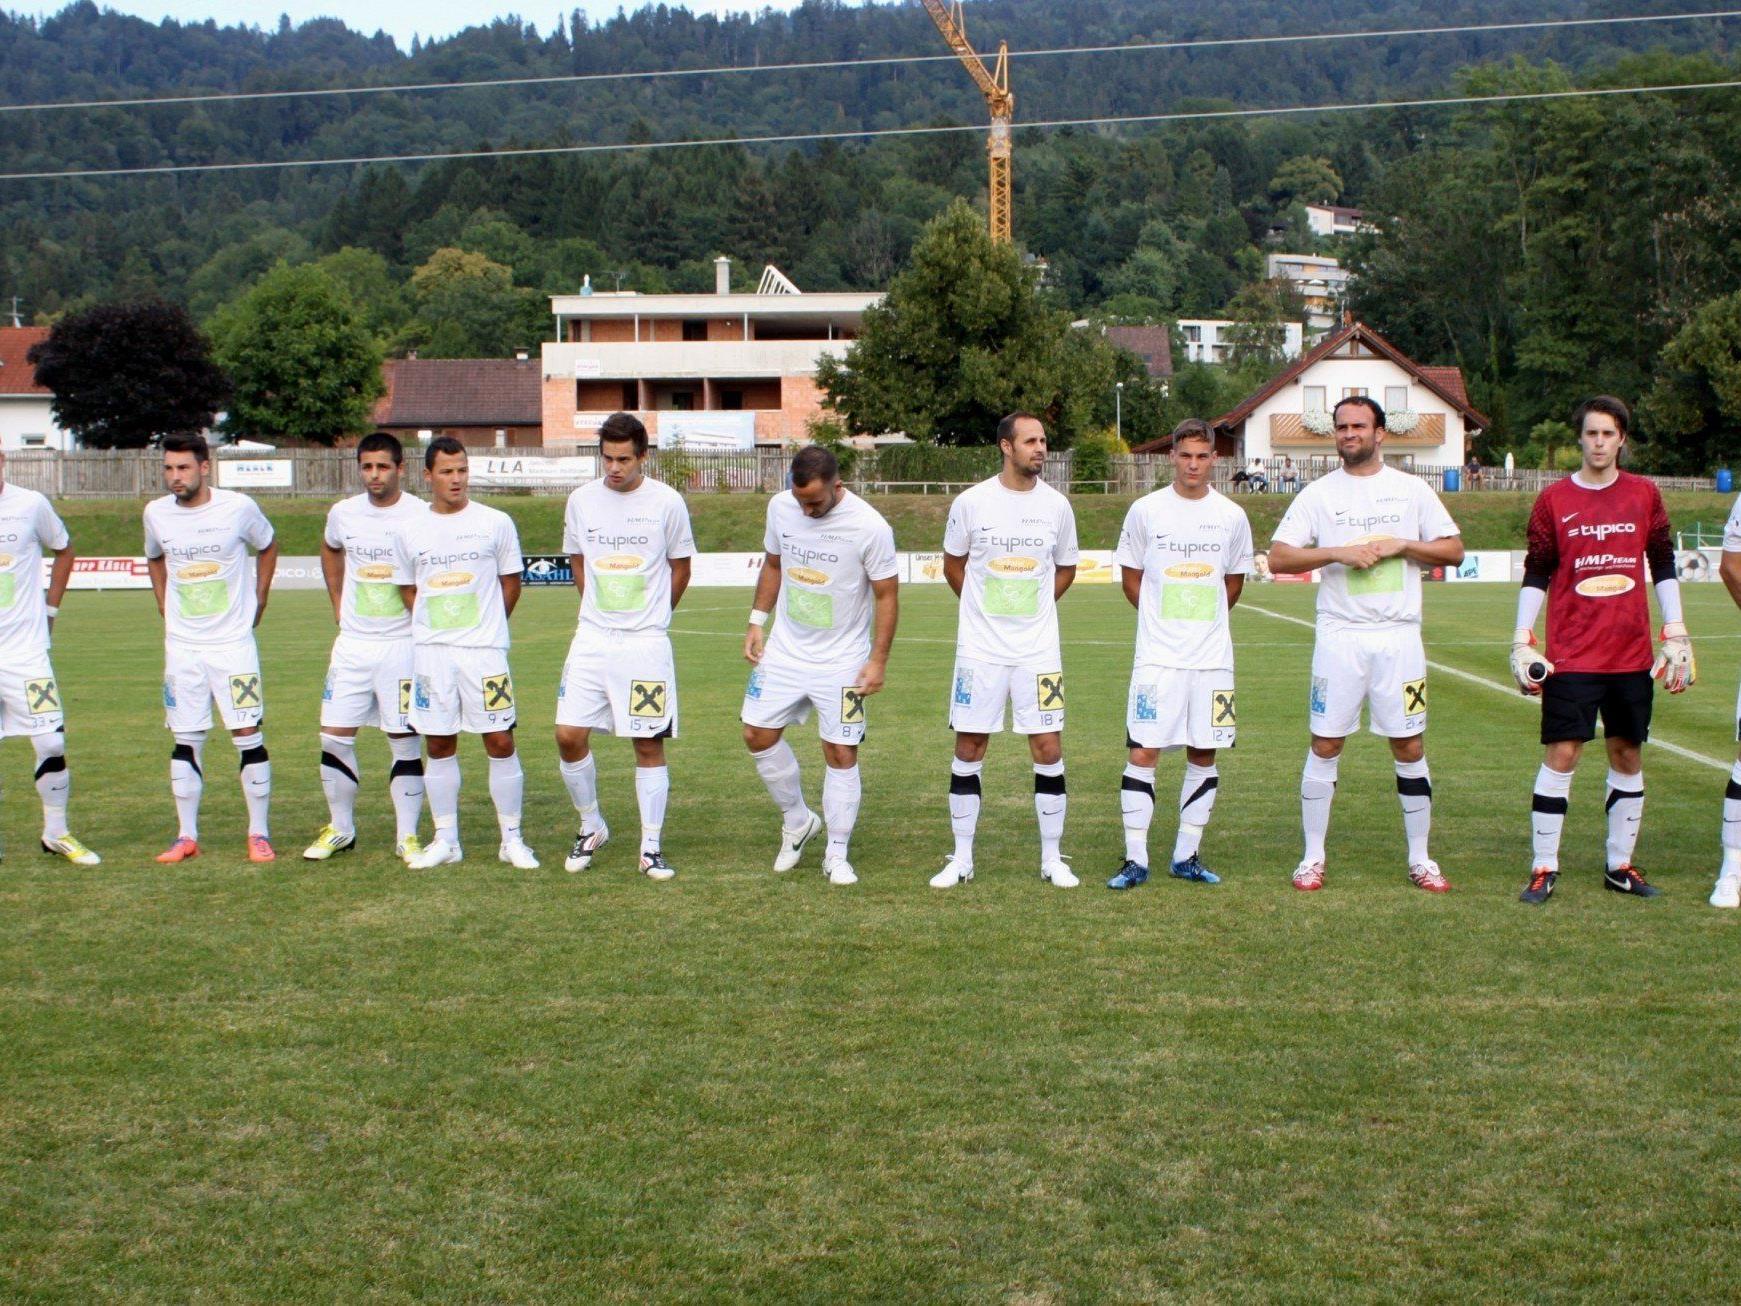 Die Kampfmannschaft des Typico SV Lochau startet mit großen Zielen in die Frühjahrsmeisterschaft.